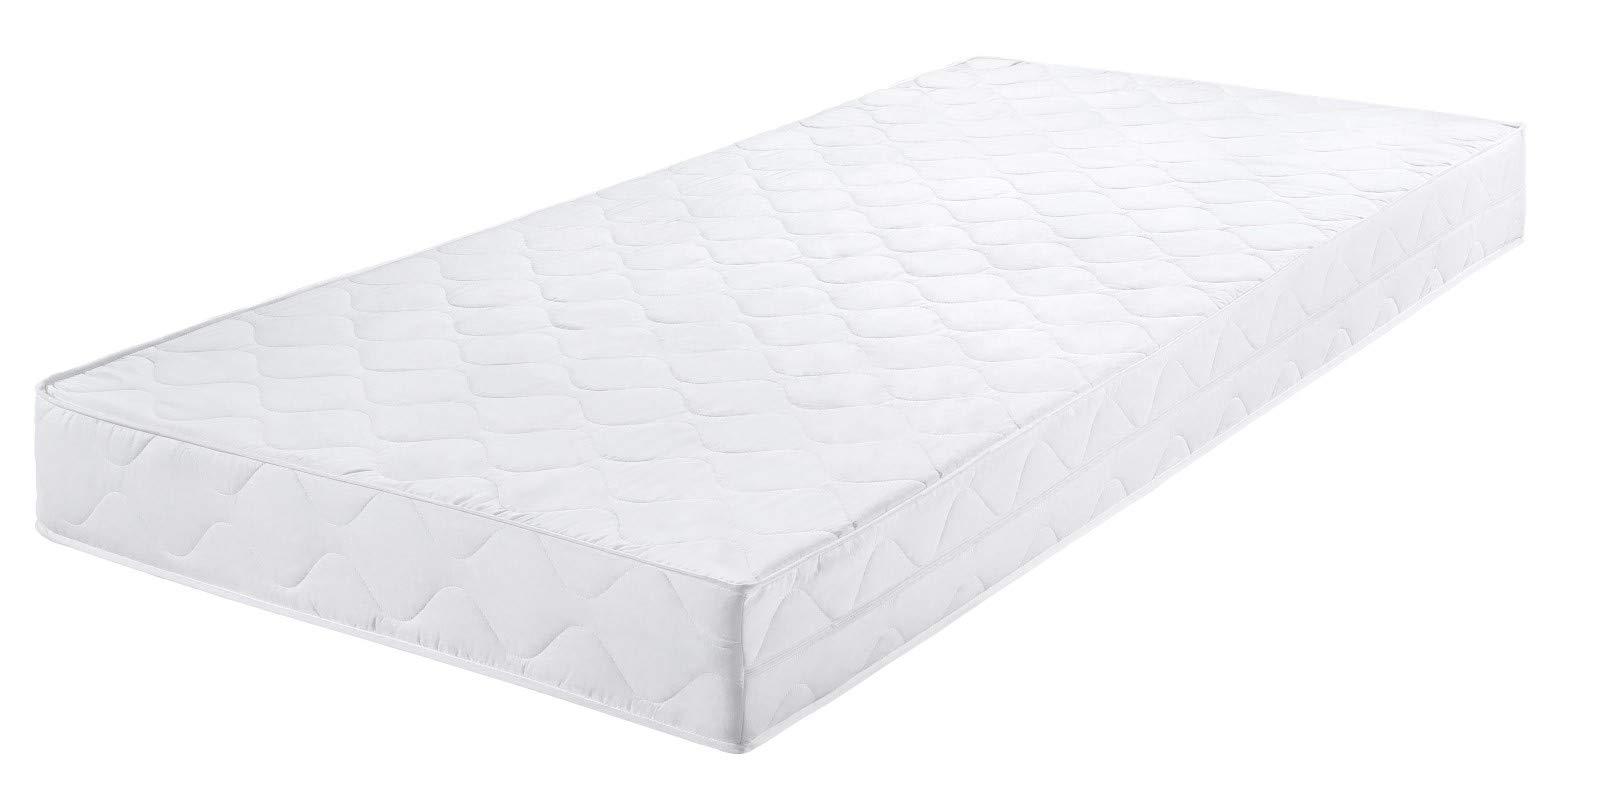 Badenia Bettcomfort Roll-Komfortmatratze, Trendline BT 100, Härtegrad 2, 90 x 200 cm, weiß